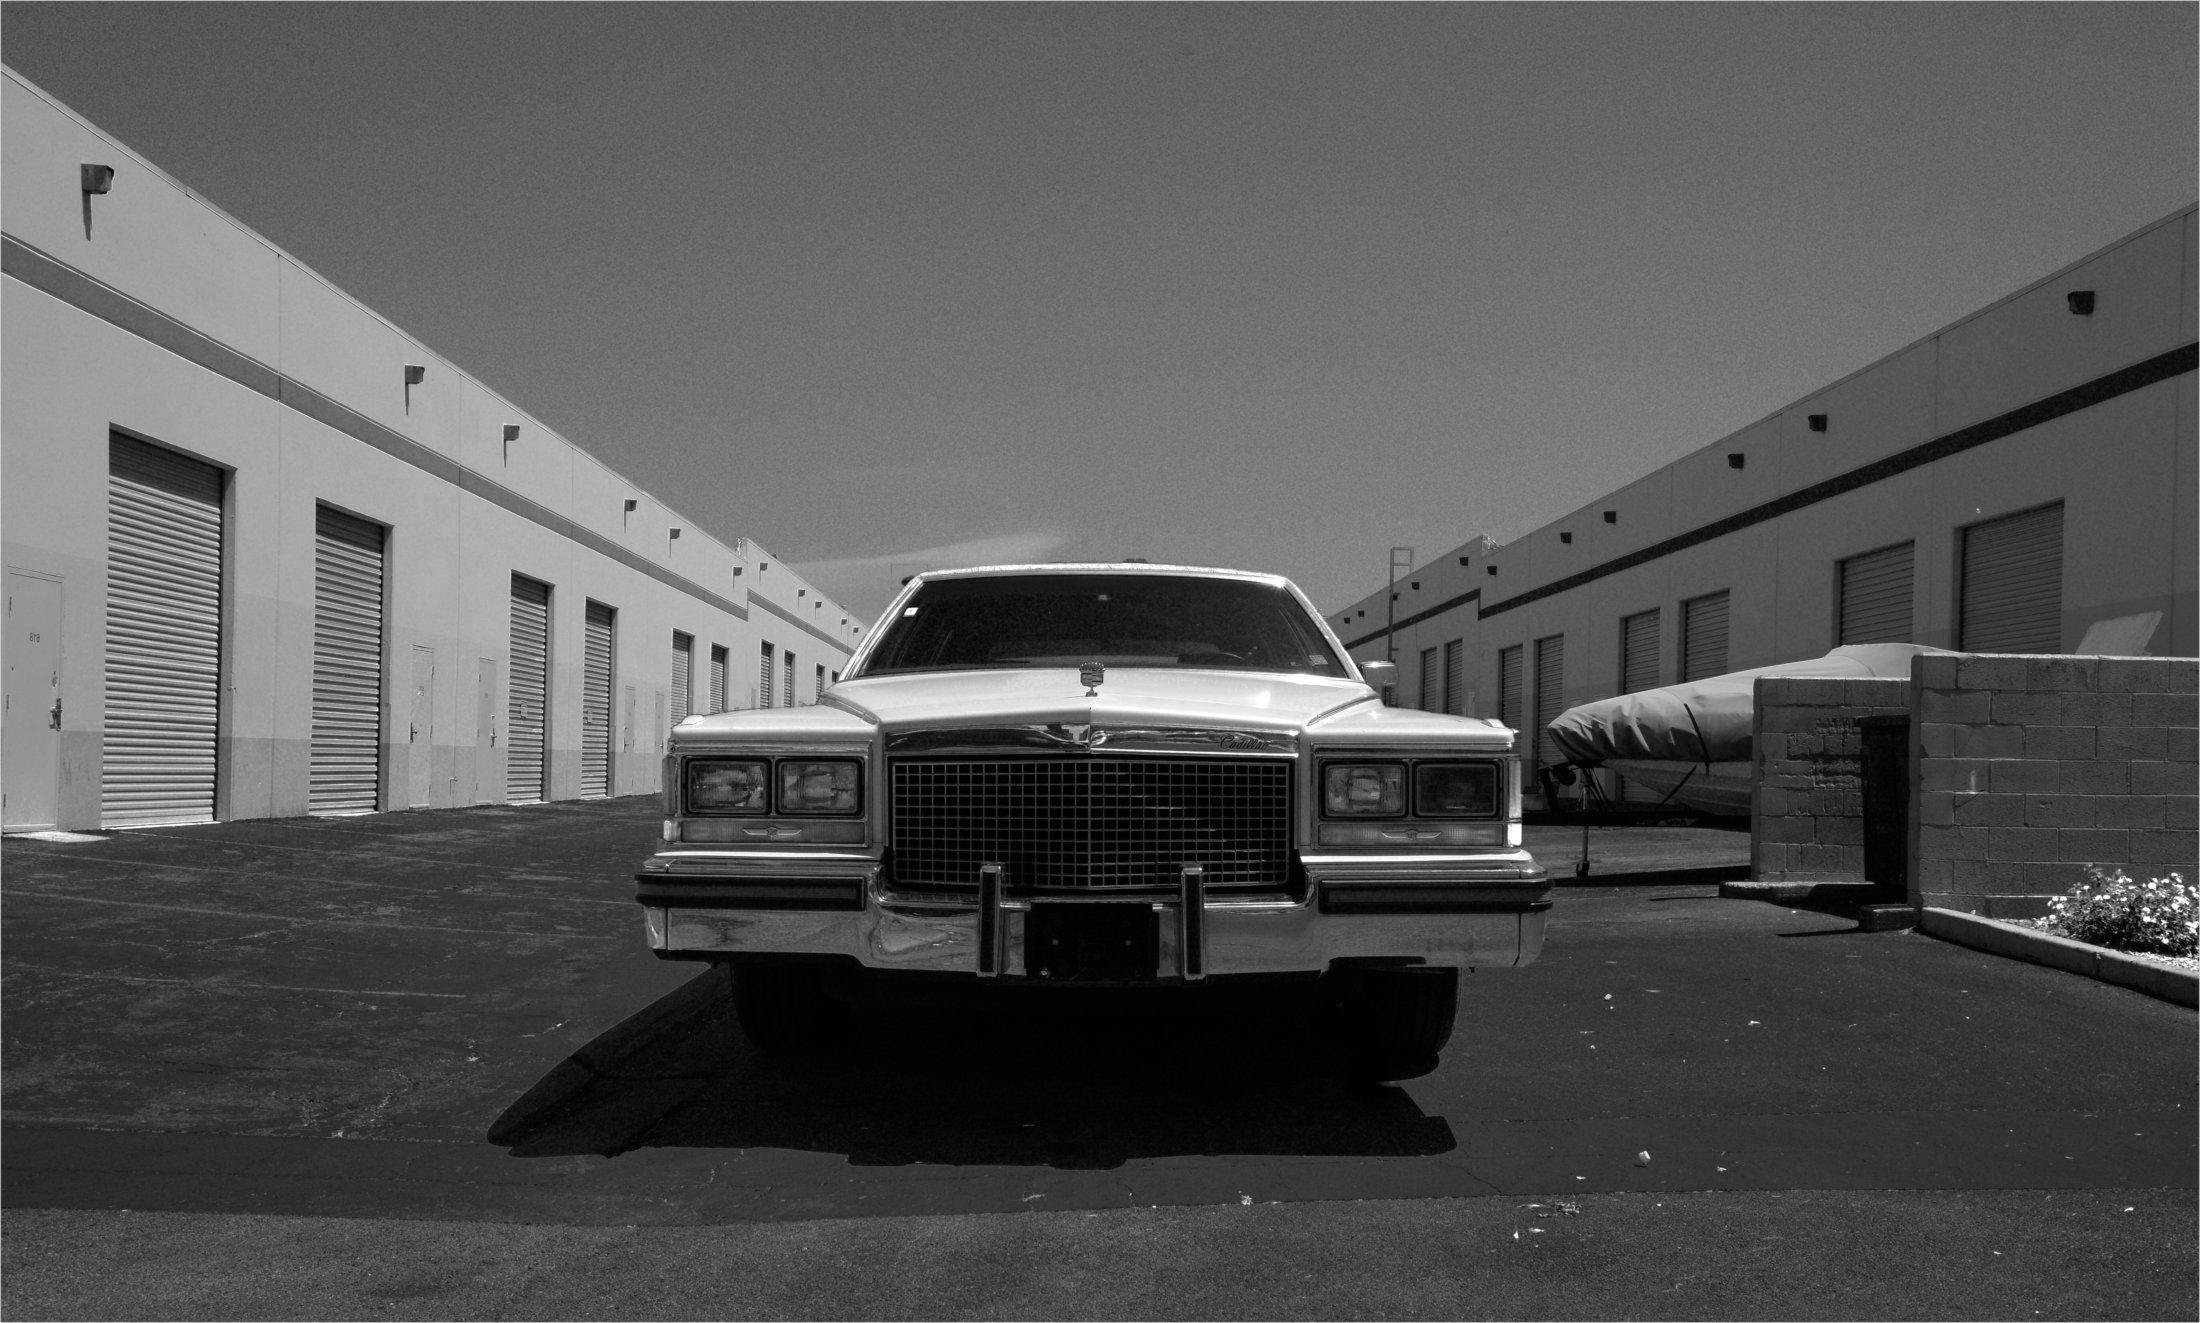 The car LV